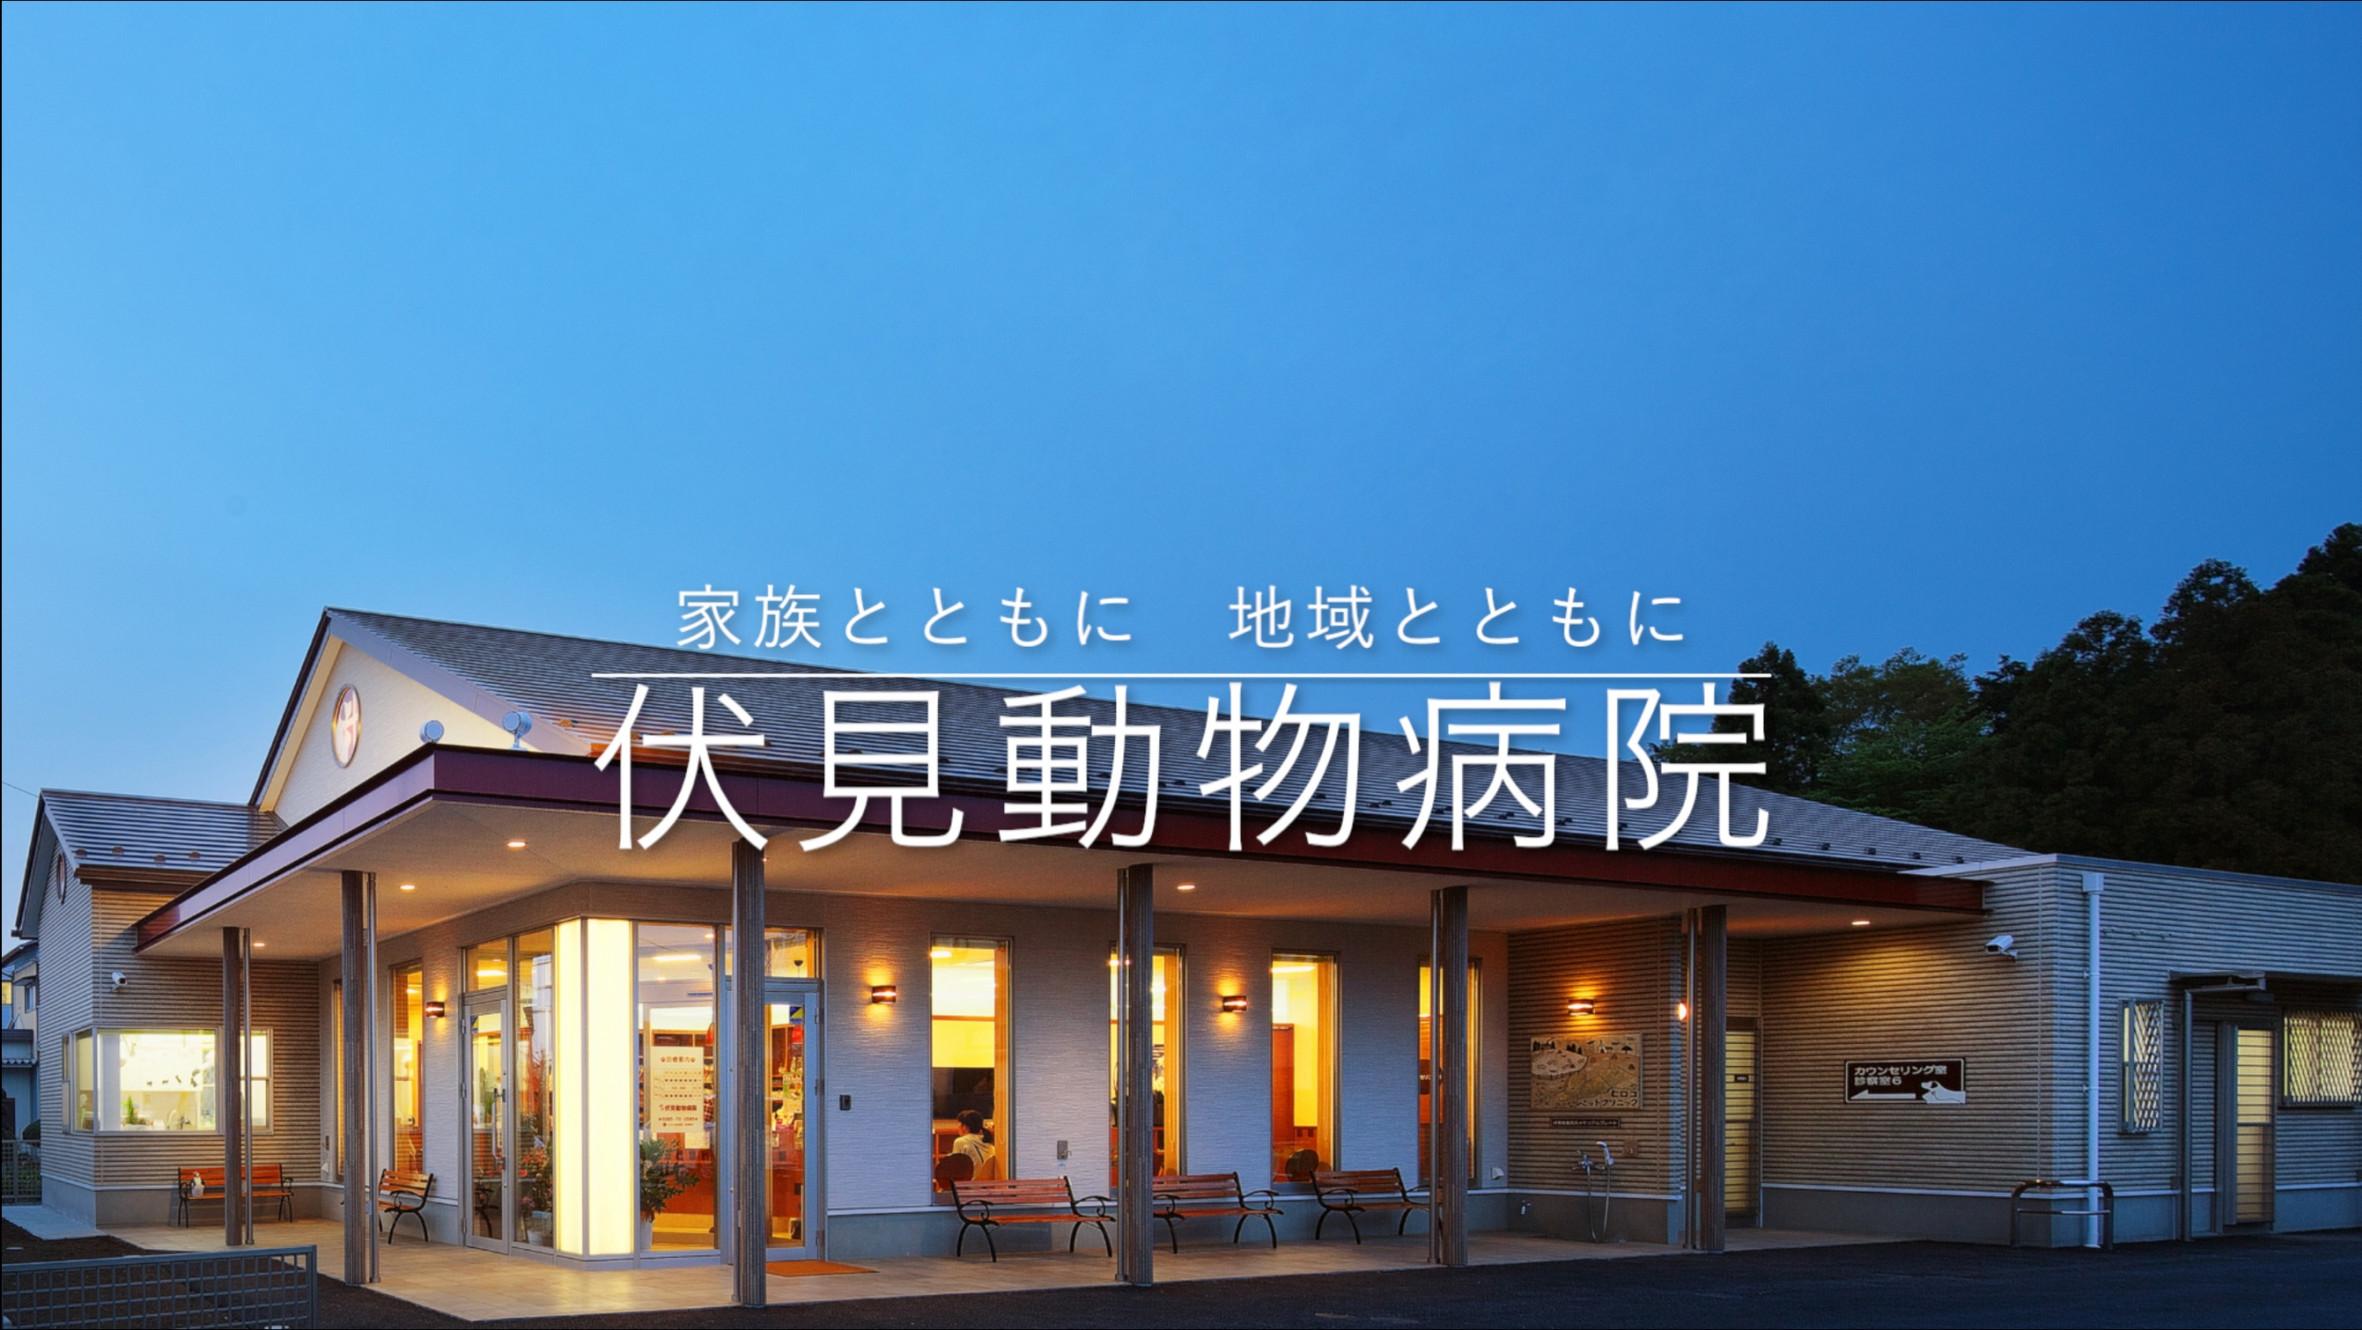 伏見動物病院|栃木県益子町・宇都宮市|整形外科・眼科等の専門診療